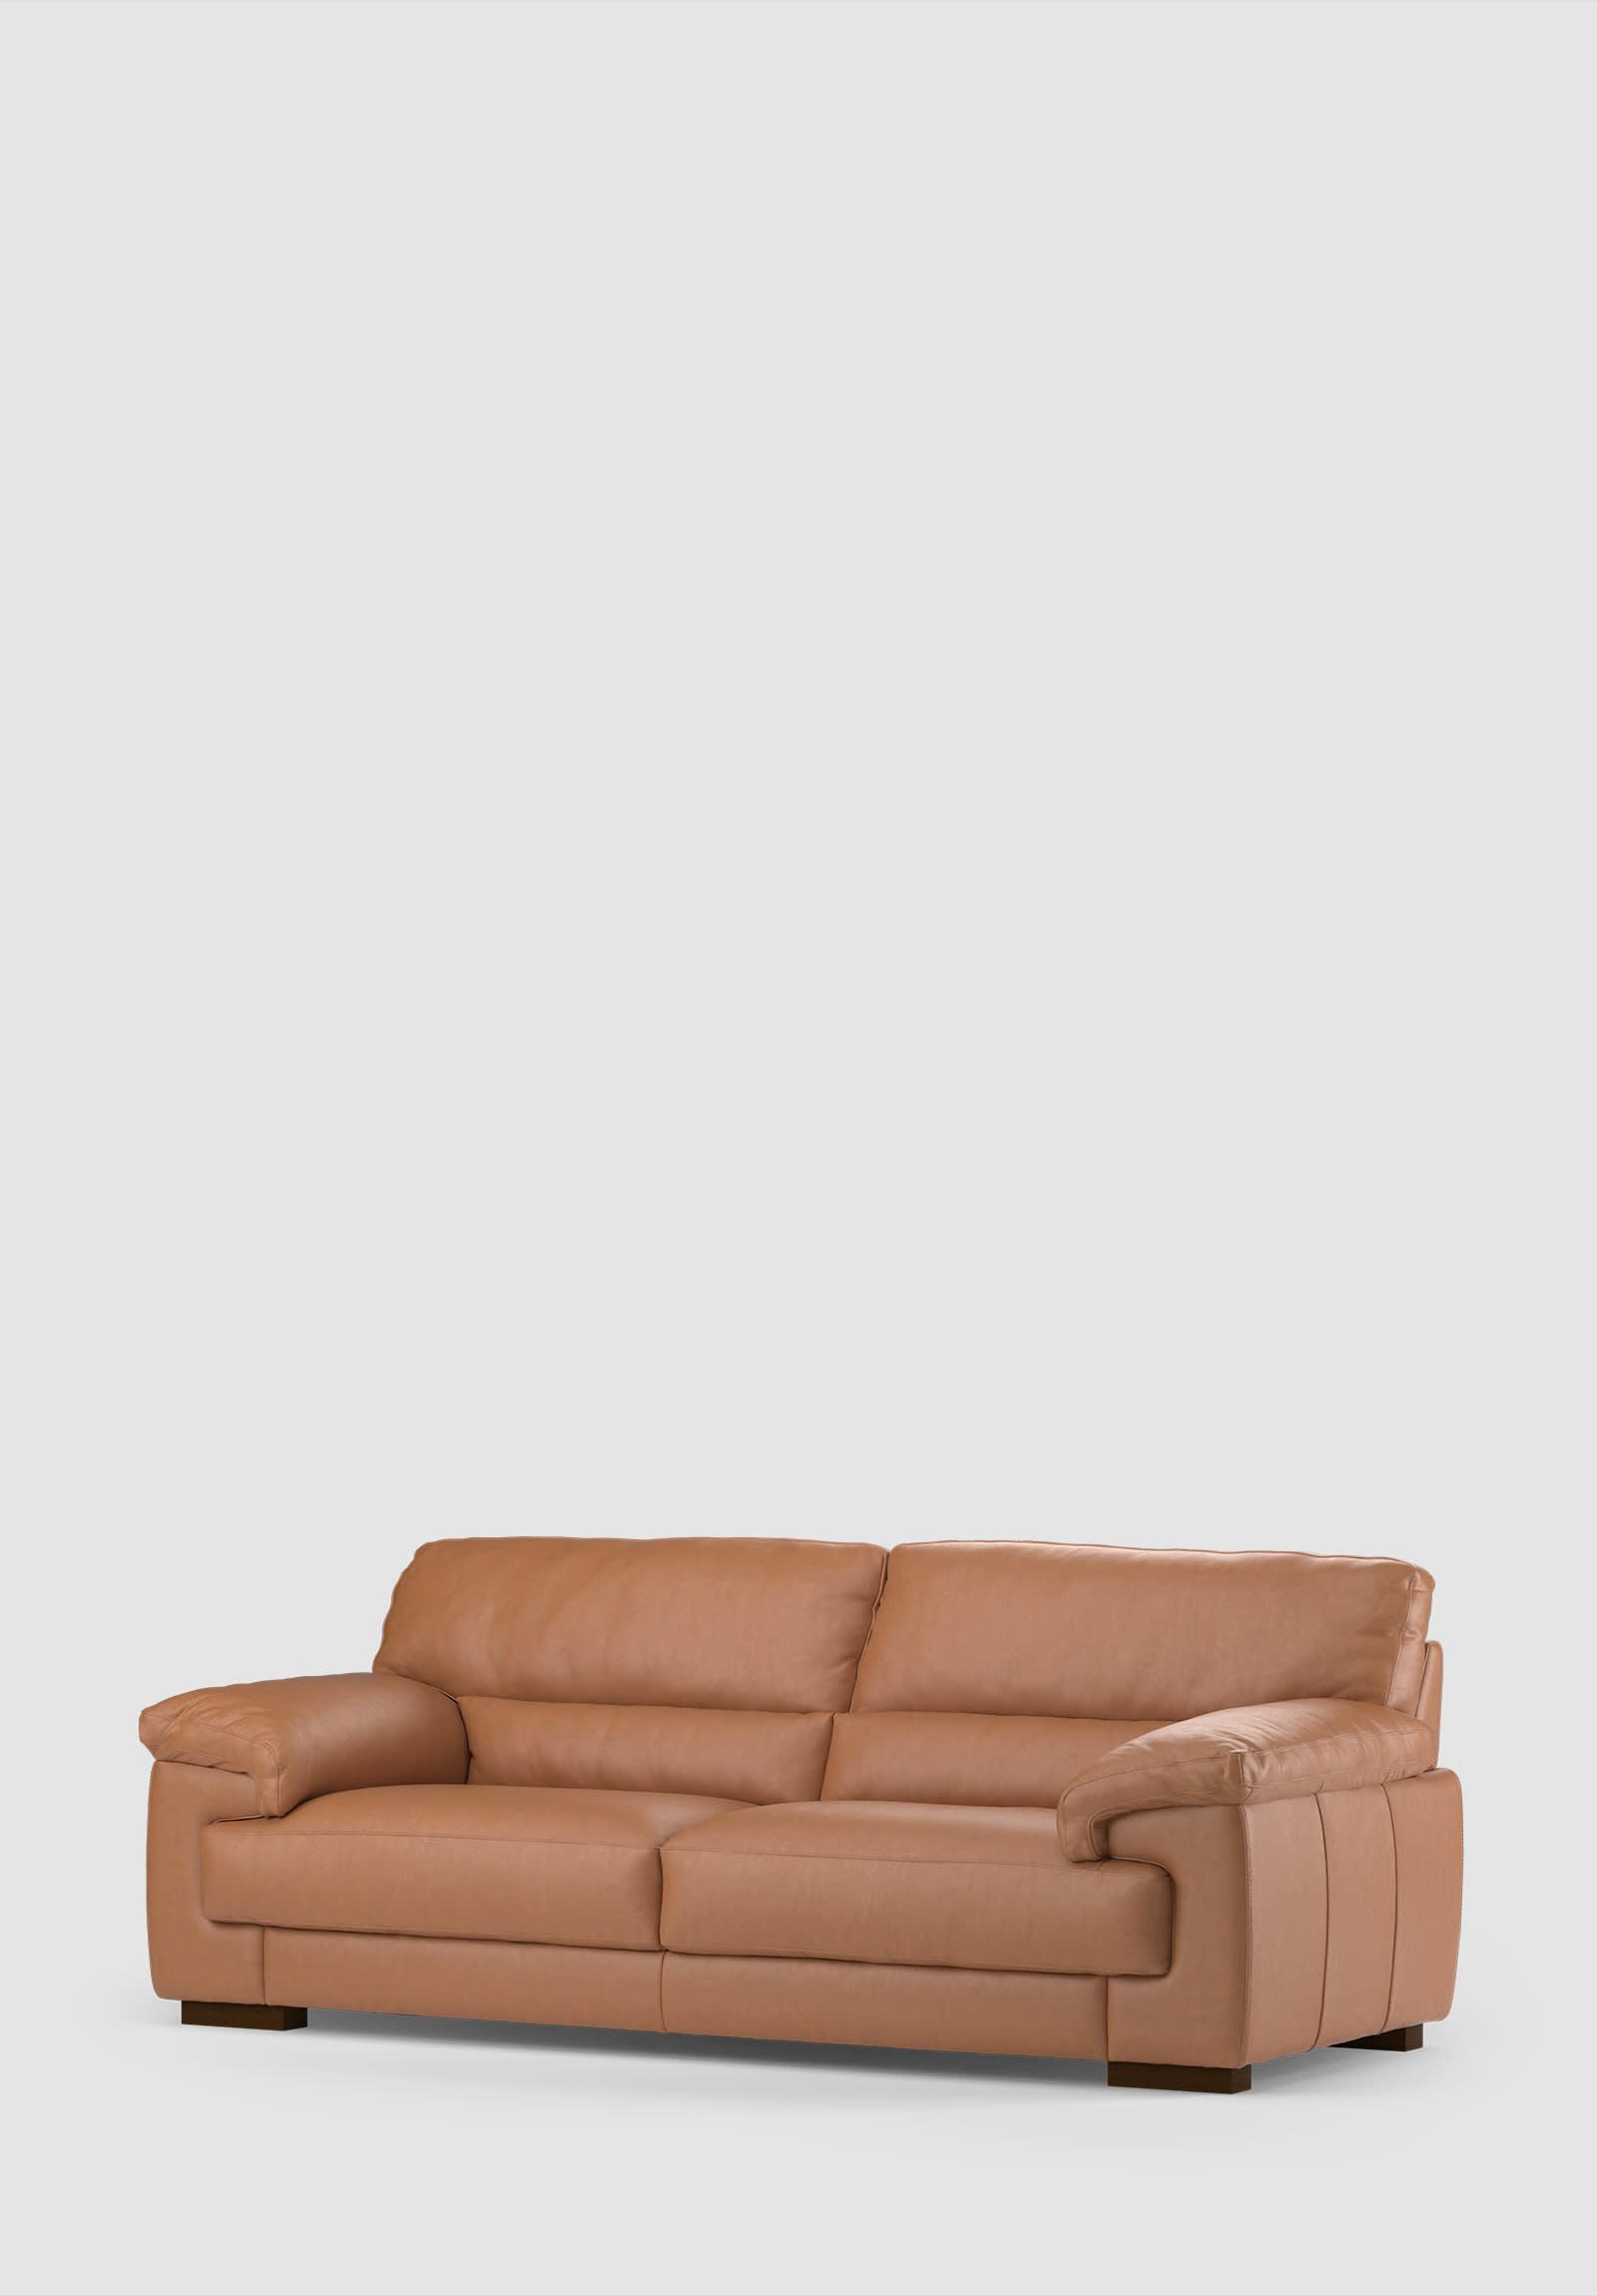 Sofology Santino leather tan sofa